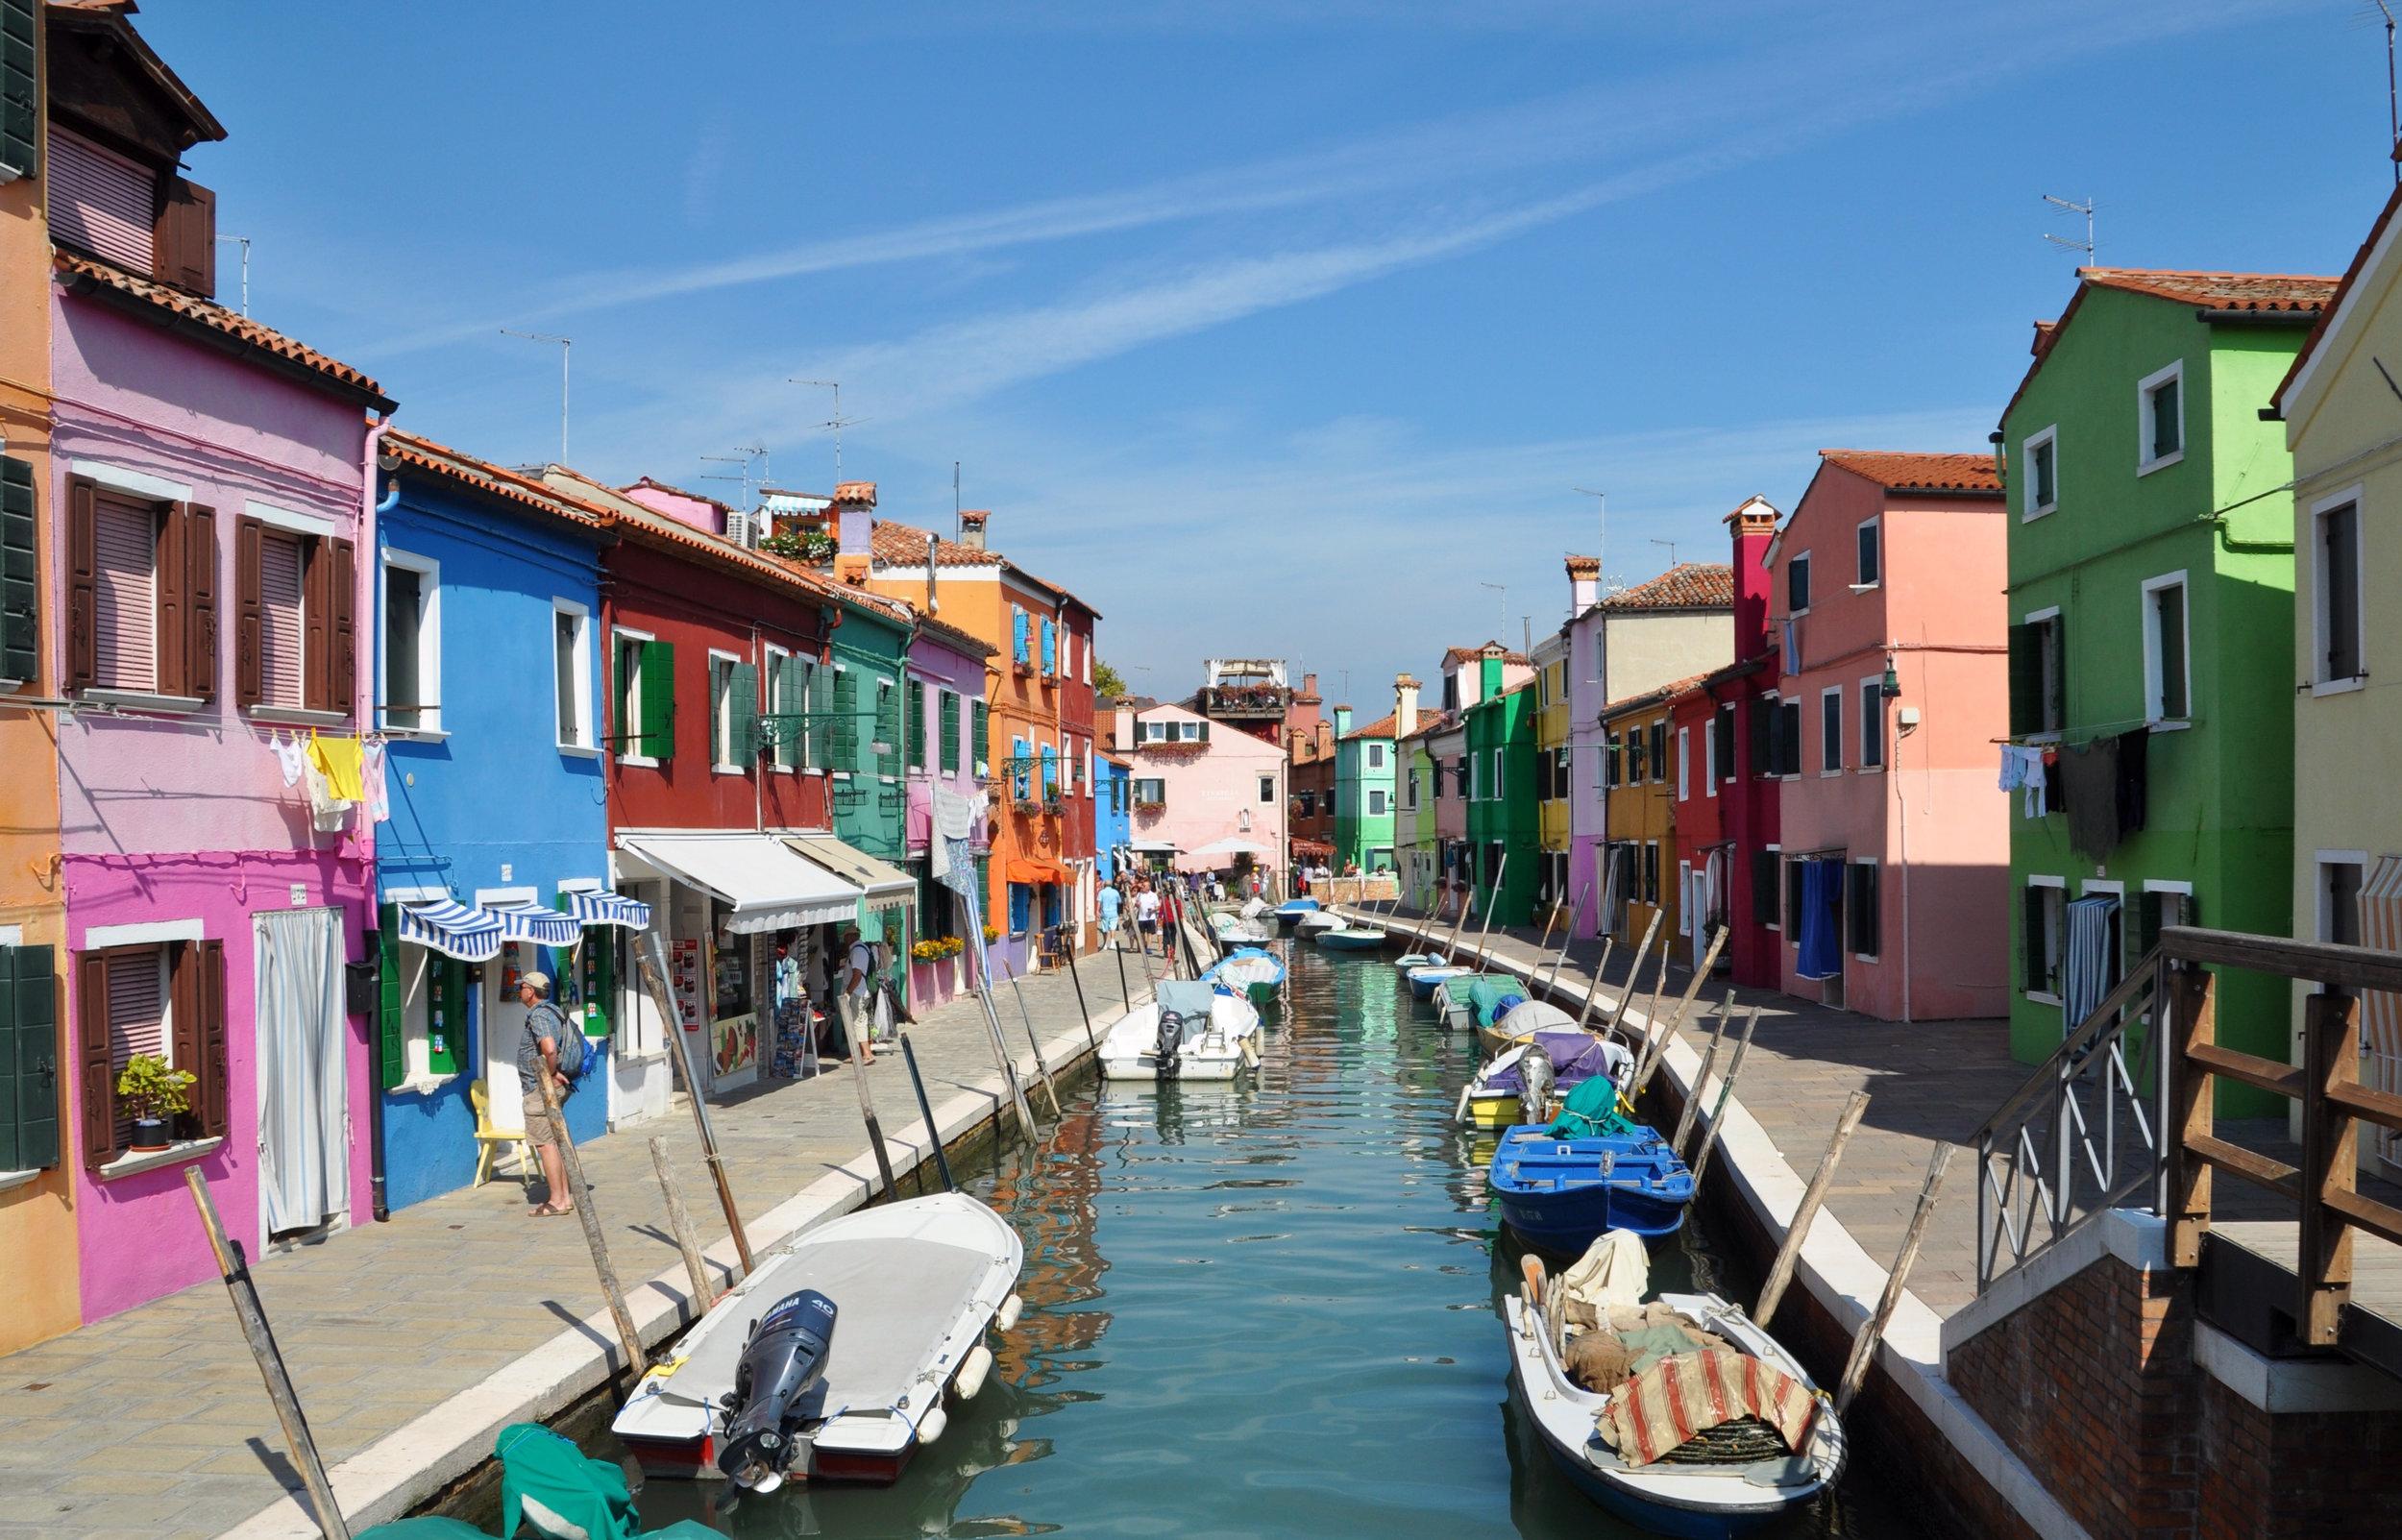 Island of Burano, Italy